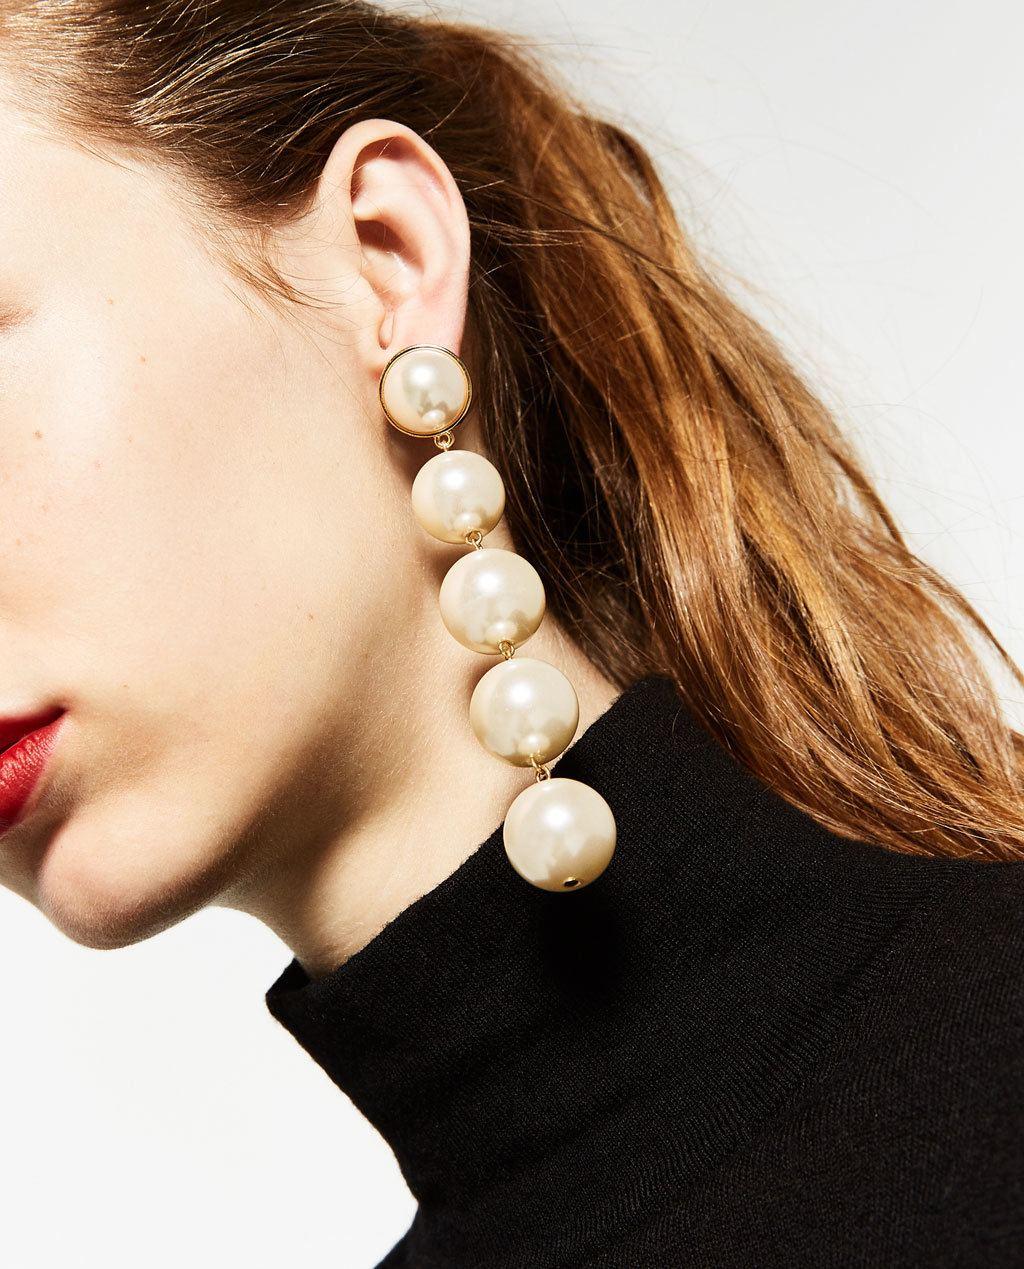 Фото модного стиля украшения ушей